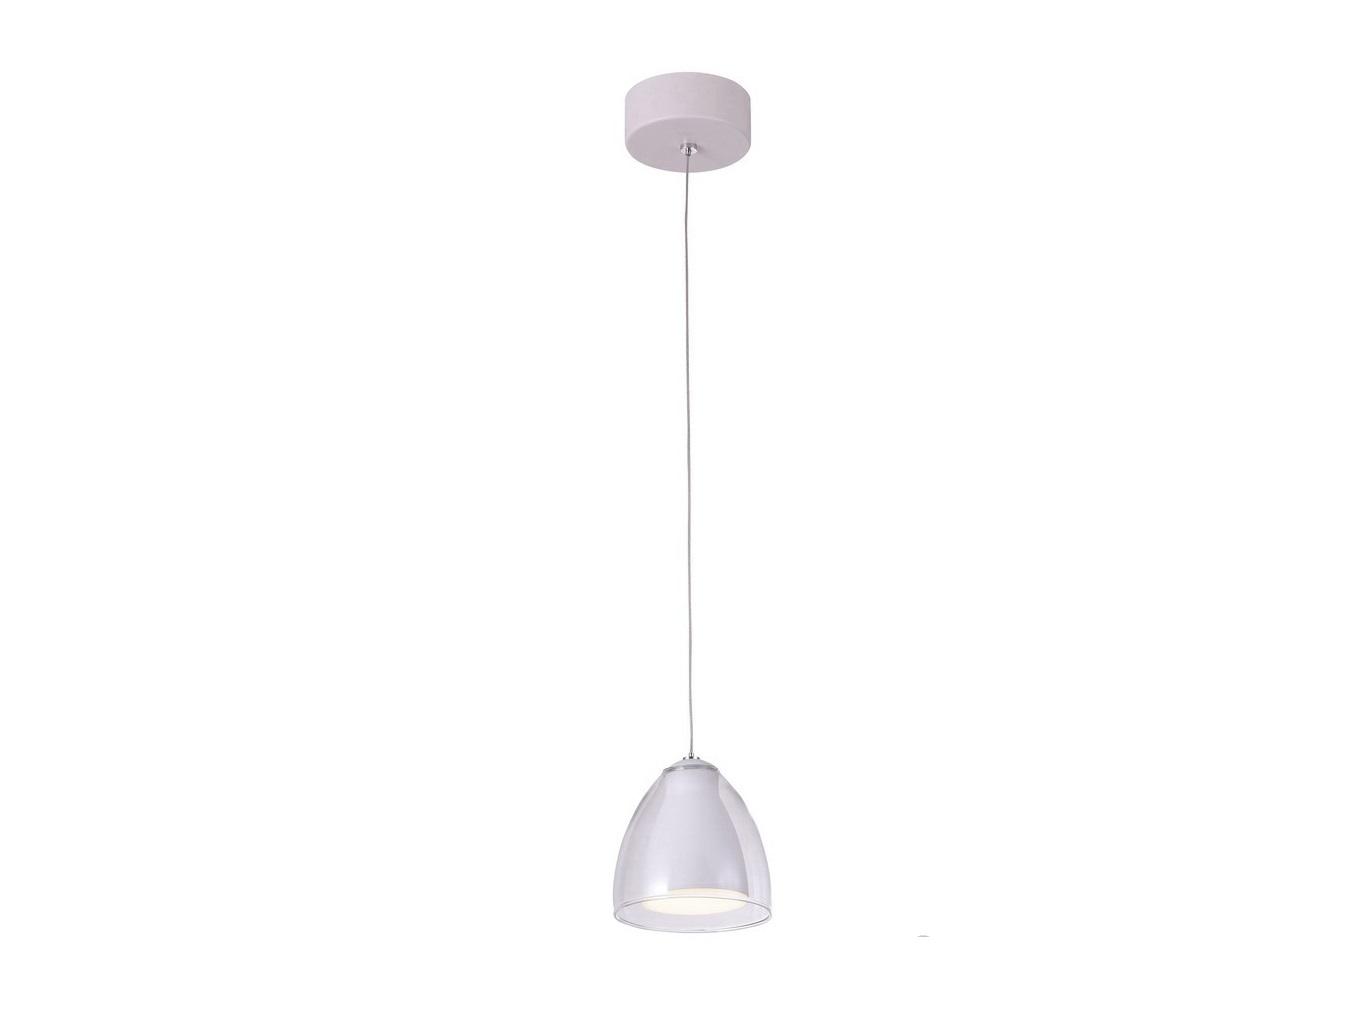 Светильник подвесной MirellaПодвесные светильники<br>Светодиодный подвесной светильник в стиле Хай-Тек. Светильник со встроенной светодиодной матрицей общей мощностью 3W (Эквивалент лампы накаливания 20 W). Цветовая температура 4000-4200К. <br>Высоту подвеса светильника можно регулировать от 20см до 100см.<br>Светильник поставляется в собранном виде и имеет в комплекте все необходимые для монтажа крепежные элементы.&amp;lt;div&amp;gt;&amp;lt;br&amp;gt;&amp;lt;/div&amp;gt;&amp;lt;div&amp;gt;&amp;lt;div&amp;gt;Цоколь: LED&amp;lt;/div&amp;gt;&amp;lt;div&amp;gt;Мощность лампы: 3W&amp;lt;/div&amp;gt;&amp;lt;div&amp;gt;Количество ламп: 1&amp;lt;/div&amp;gt;&amp;lt;/div&amp;gt;&amp;lt;div&amp;gt;&amp;lt;br&amp;gt;&amp;lt;/div&amp;gt;<br><br>Material: Металл<br>Высота см: 100